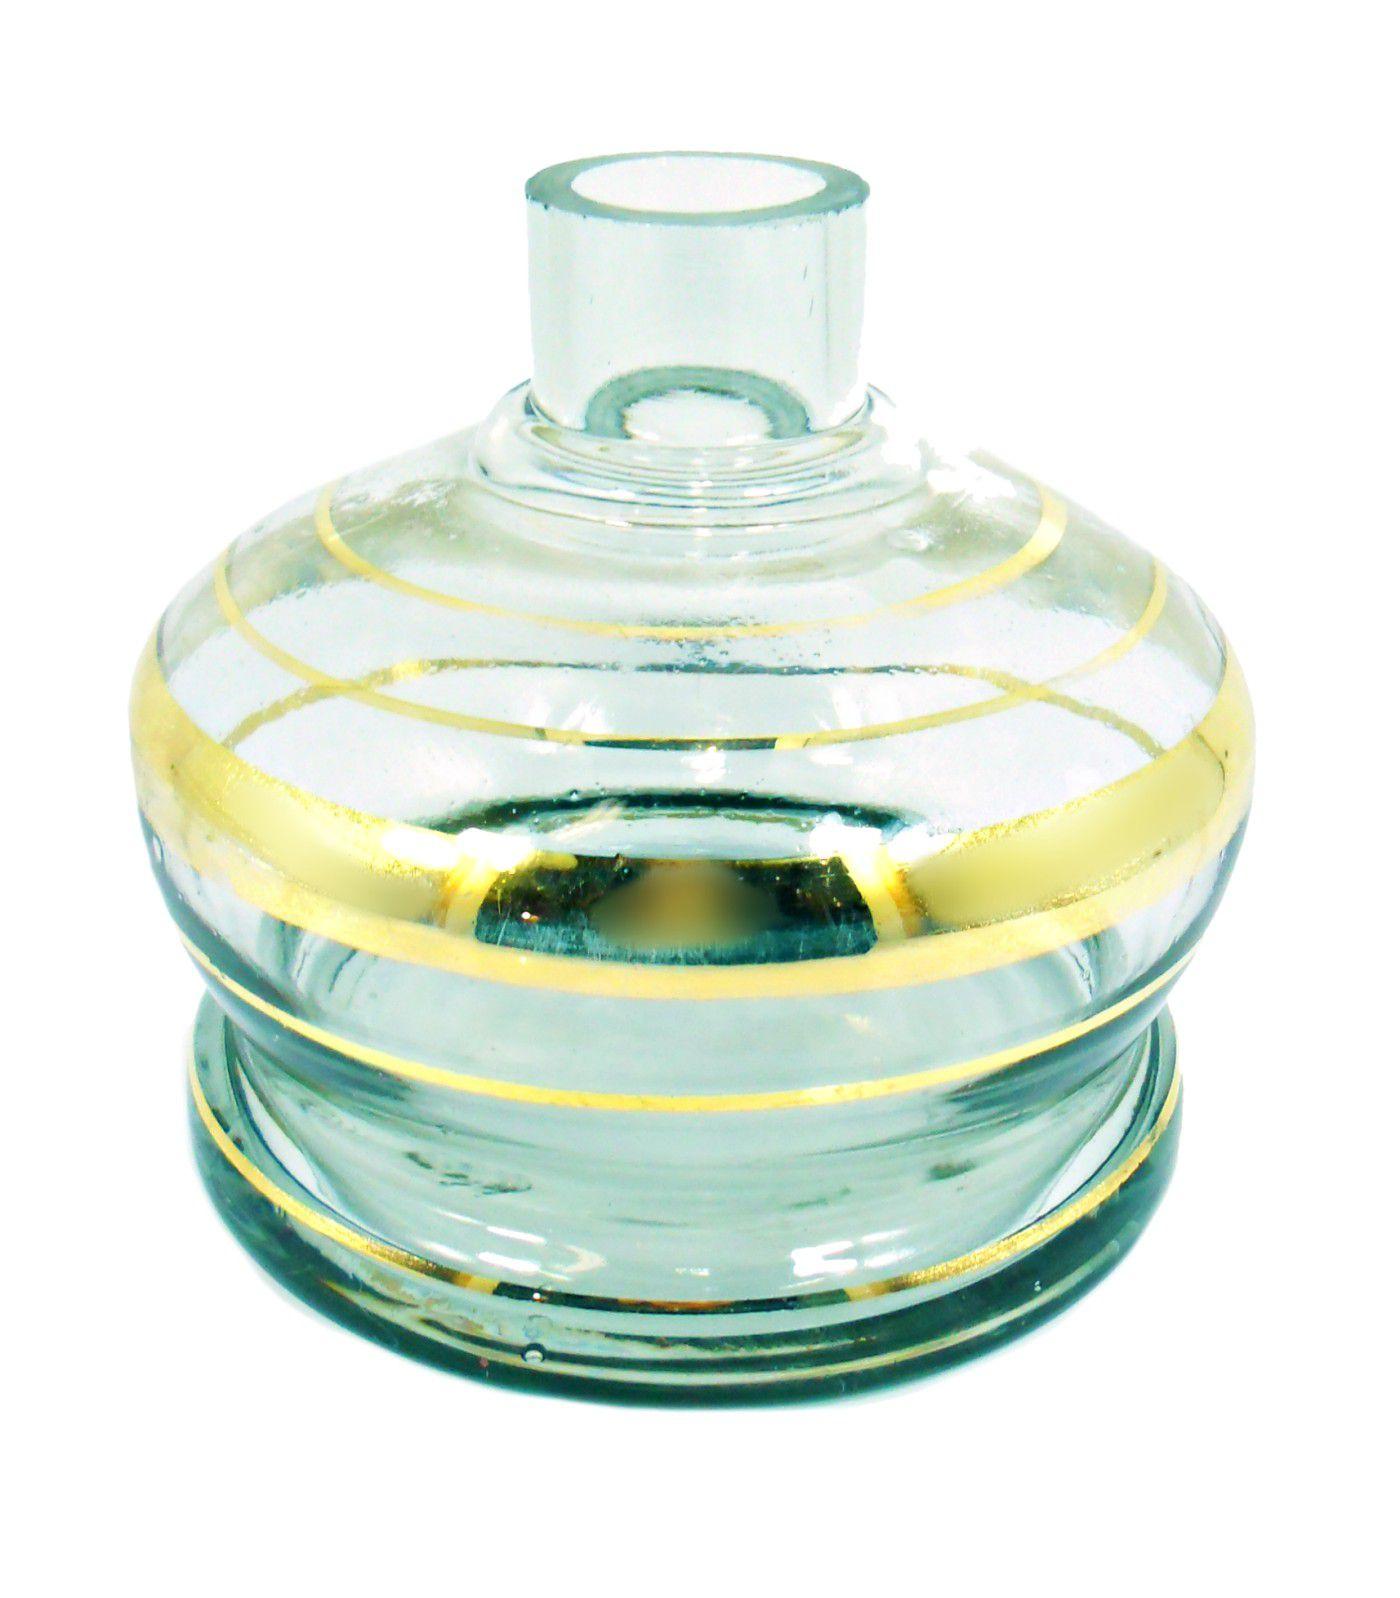 Vaso/base para narguile ALADIN macho 13cm, artesanal egípcio, transparente e  dourado. Bocal 4,0cm diâm.